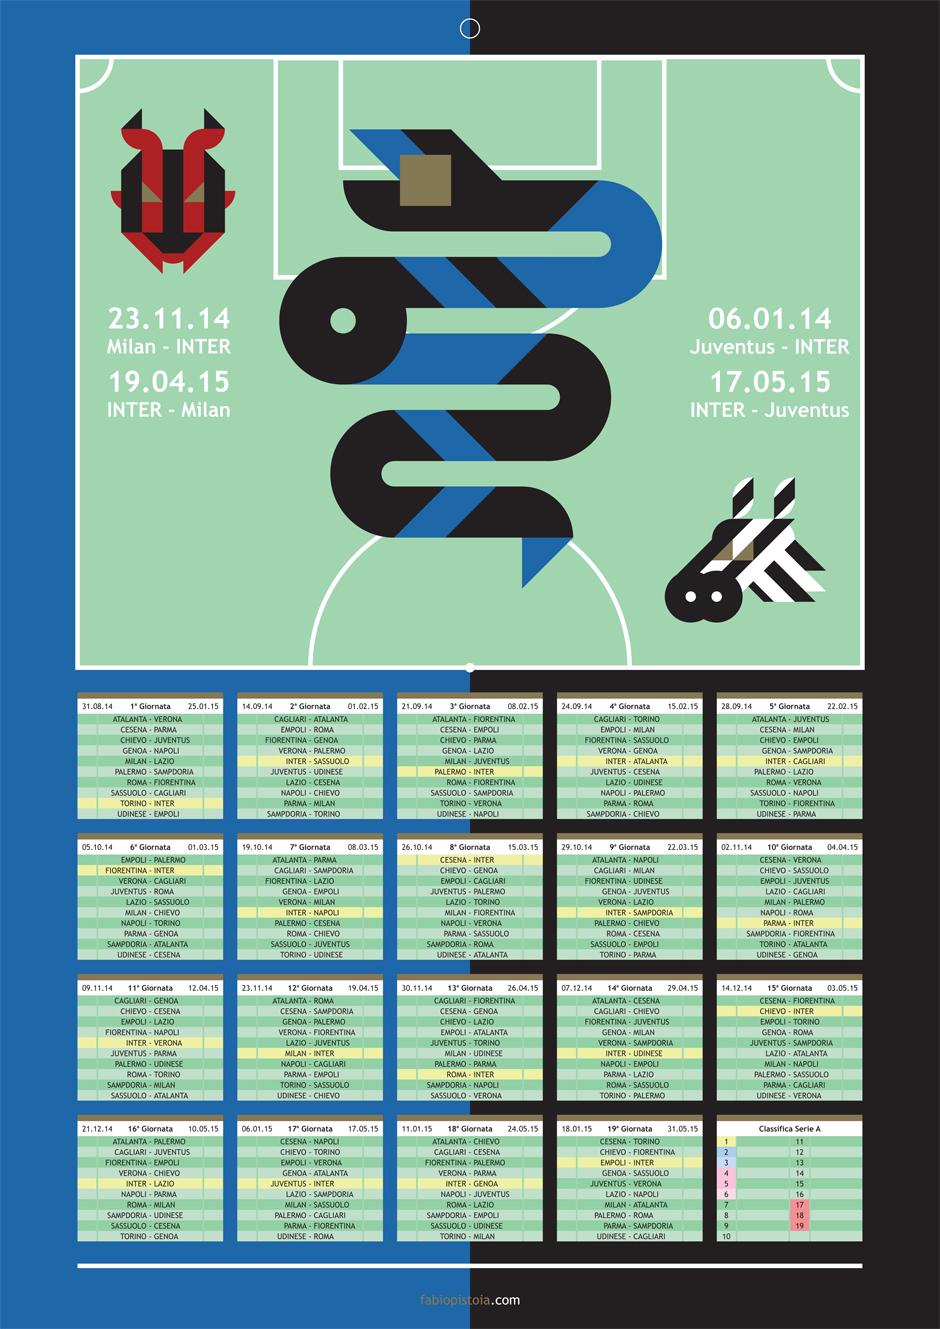 Il Calendario di Serie A 2014/15